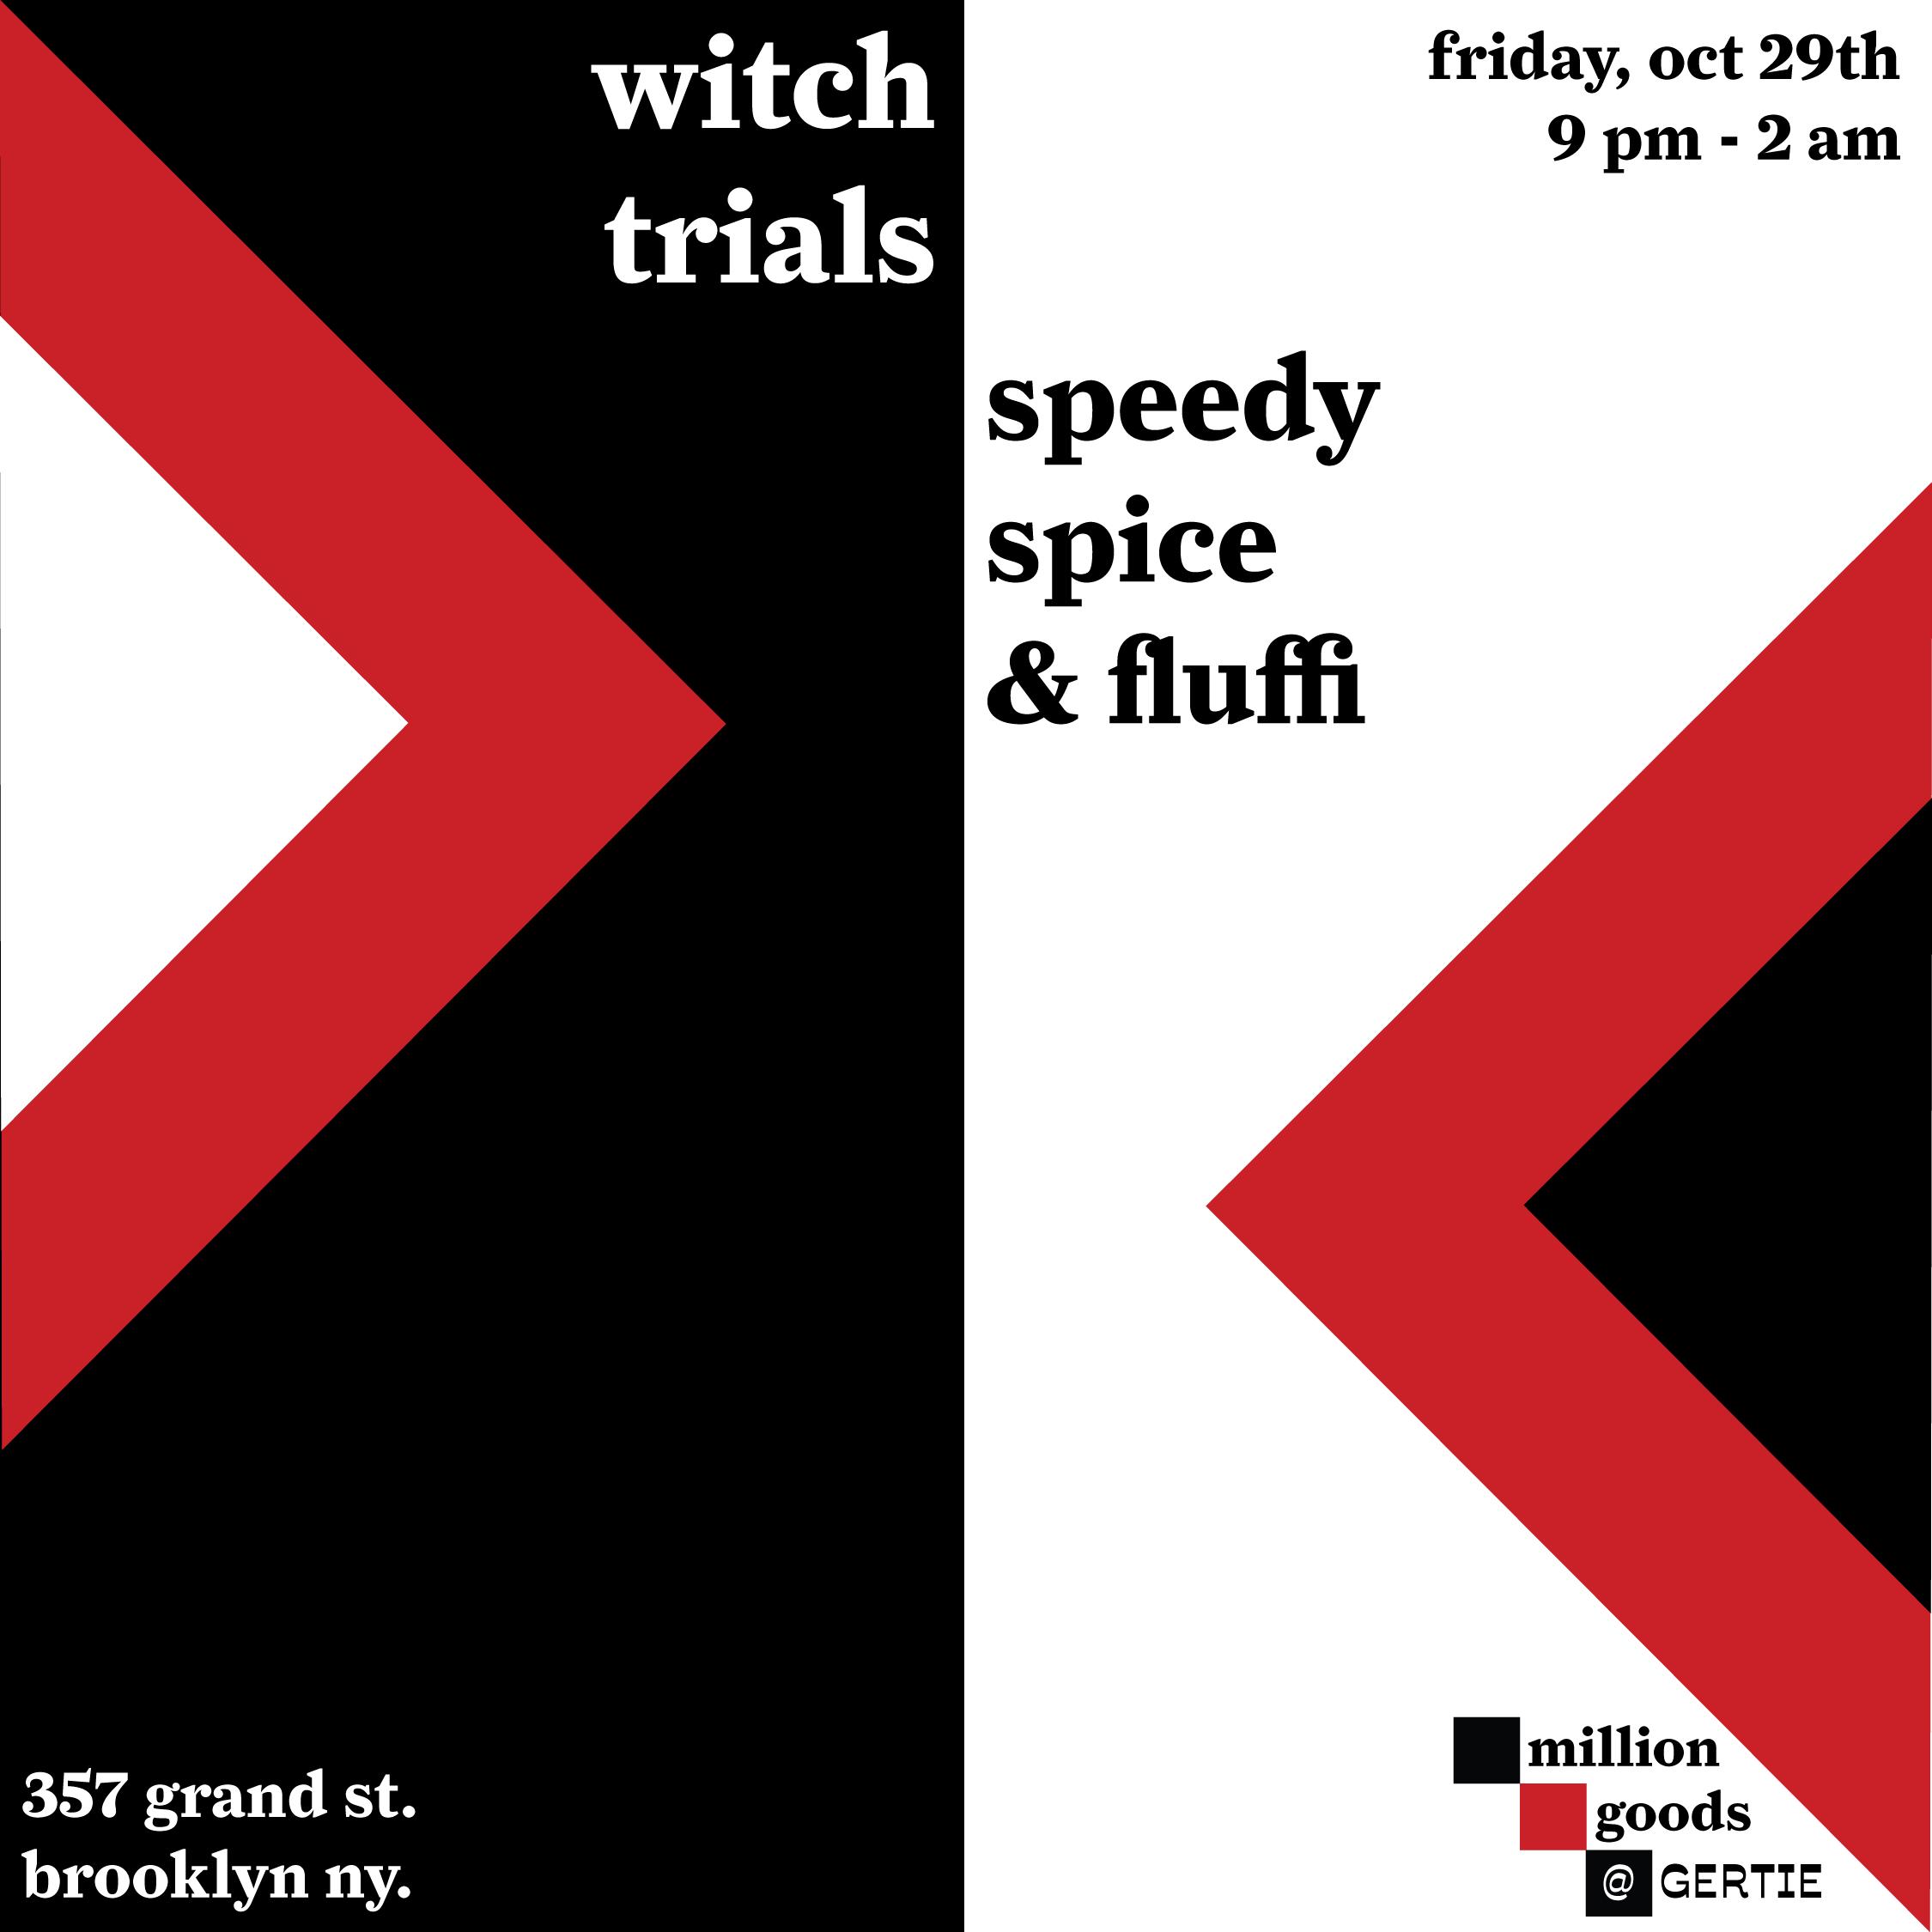 witch trials w/ fluffi b2b speedy spice